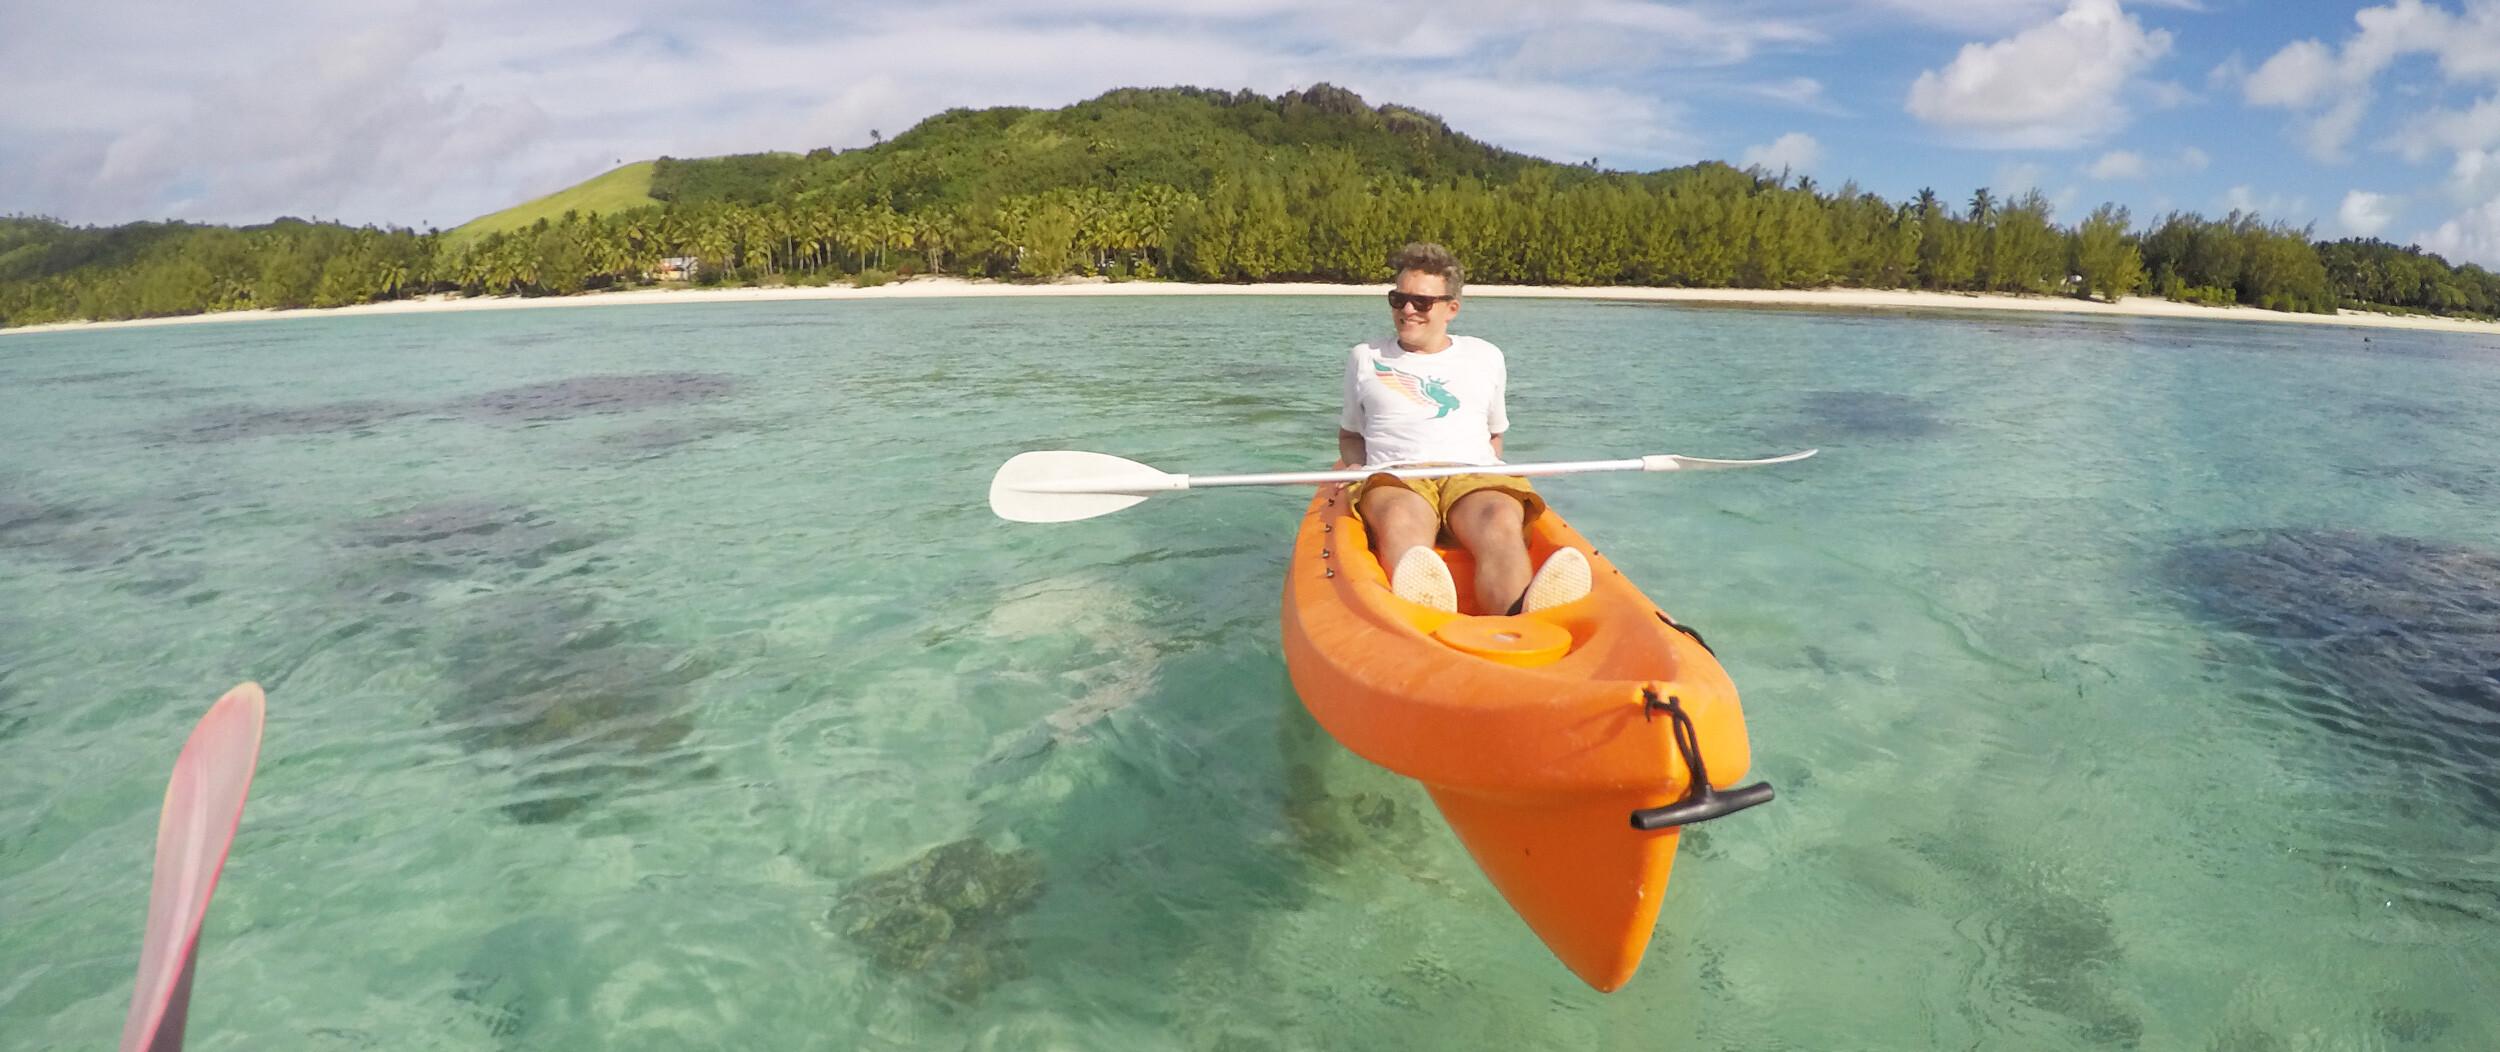 Cook Inseln Reisebericht - Kajaktour auf Aitutaki